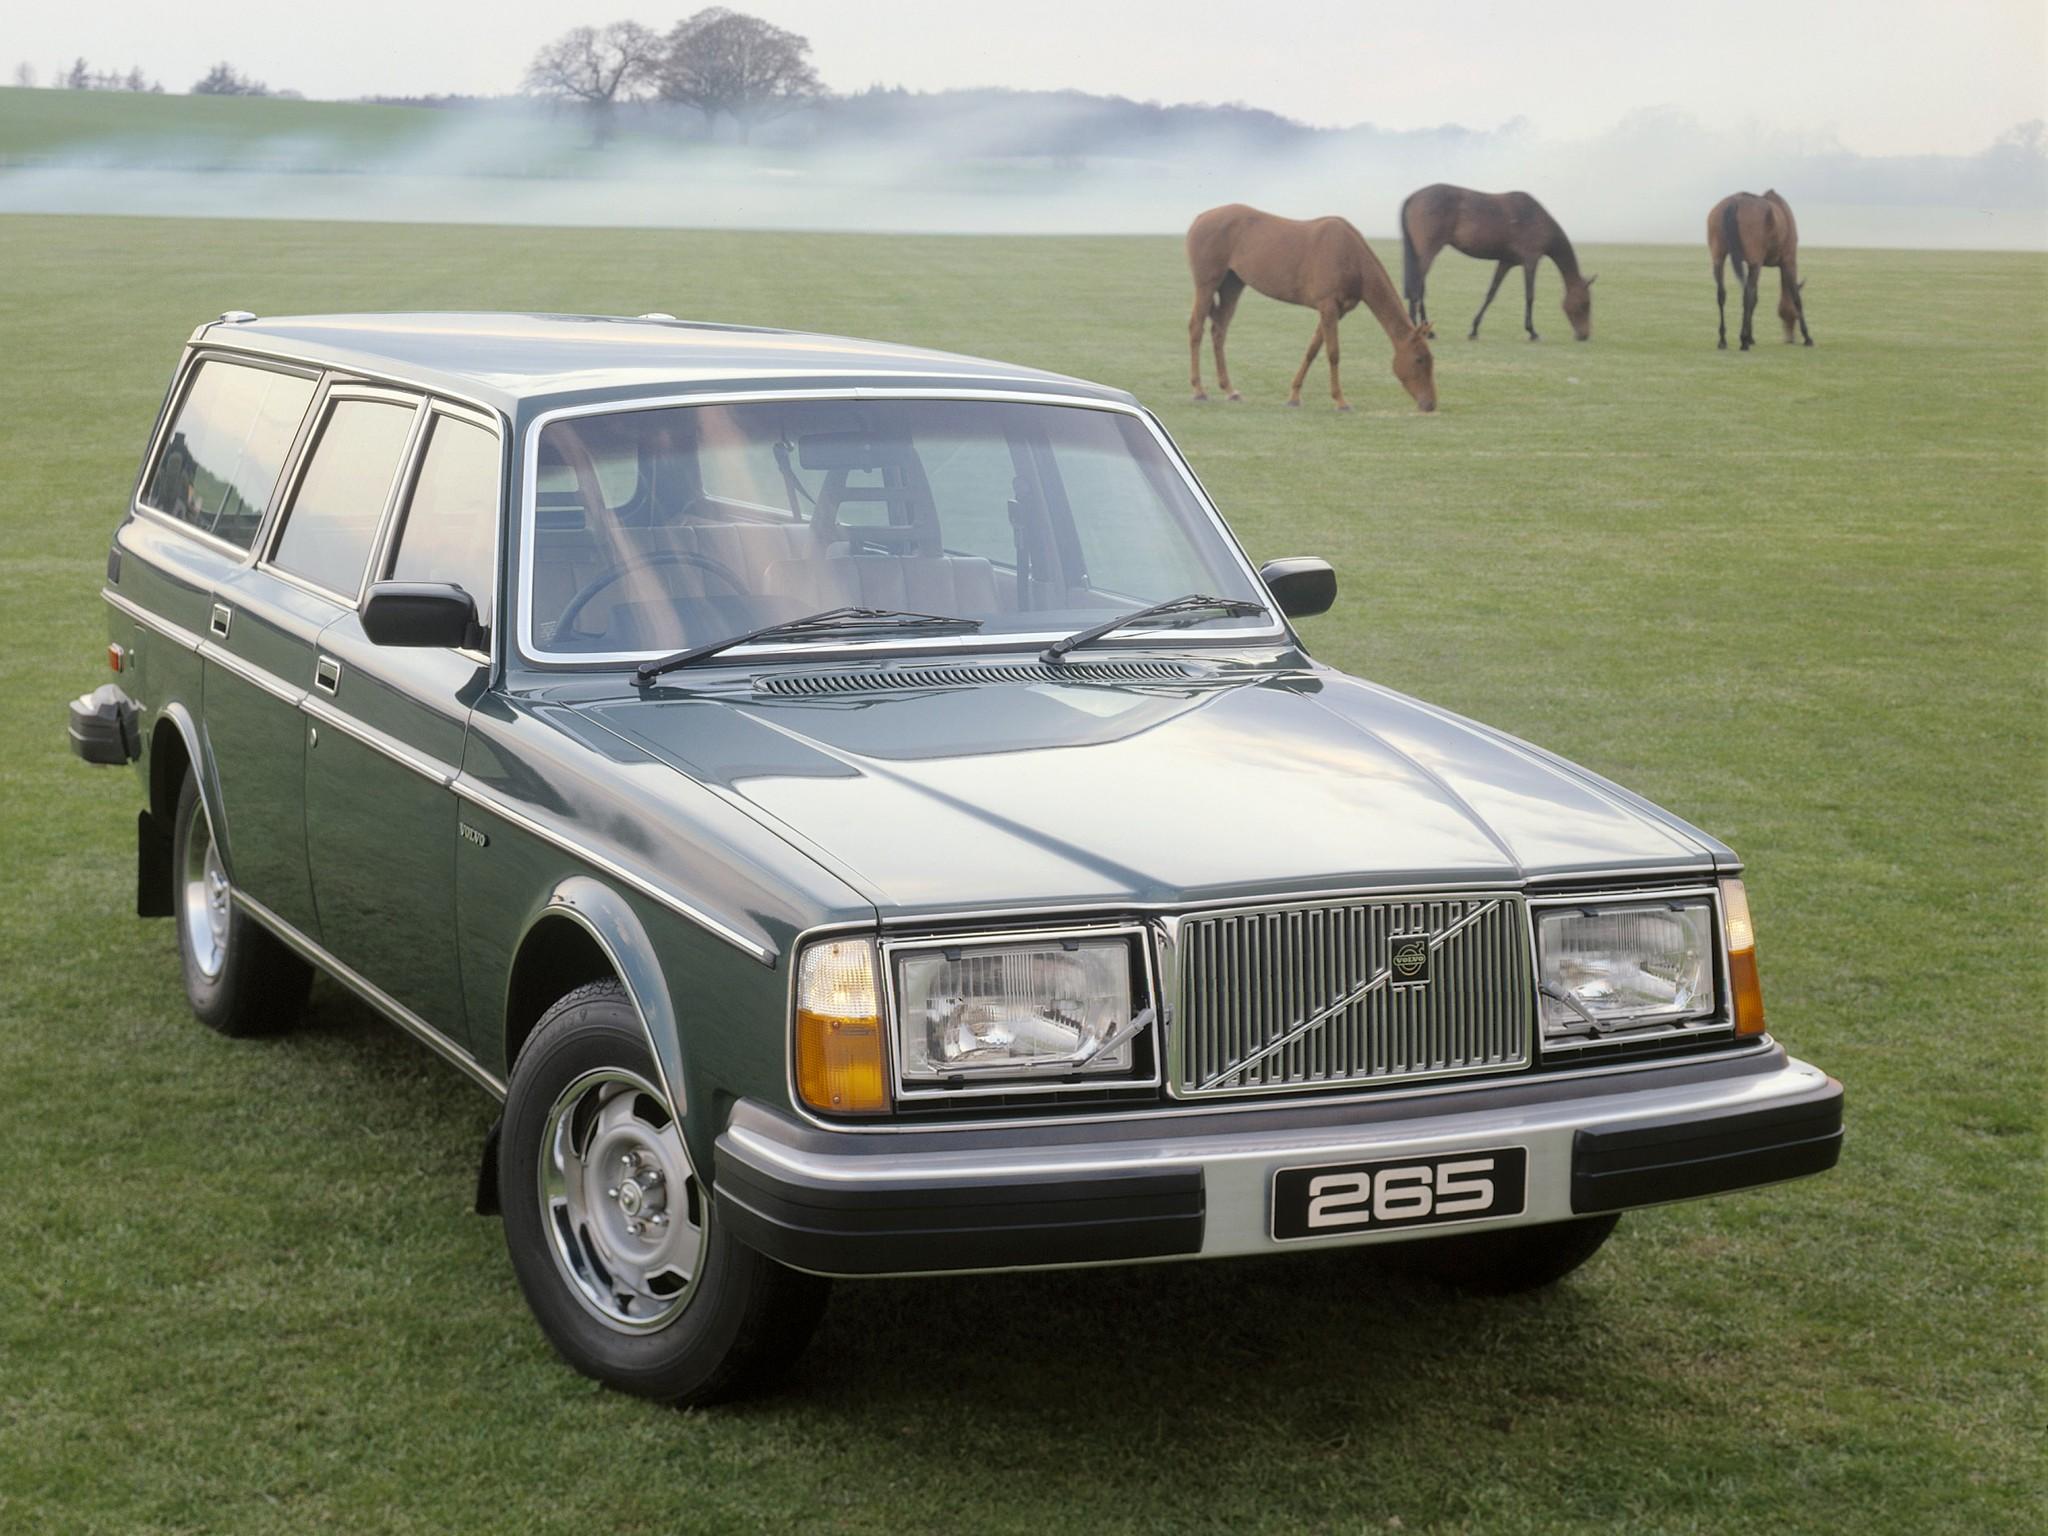 Volvo 265 Specs 1980 1981 1982 Autoevolution